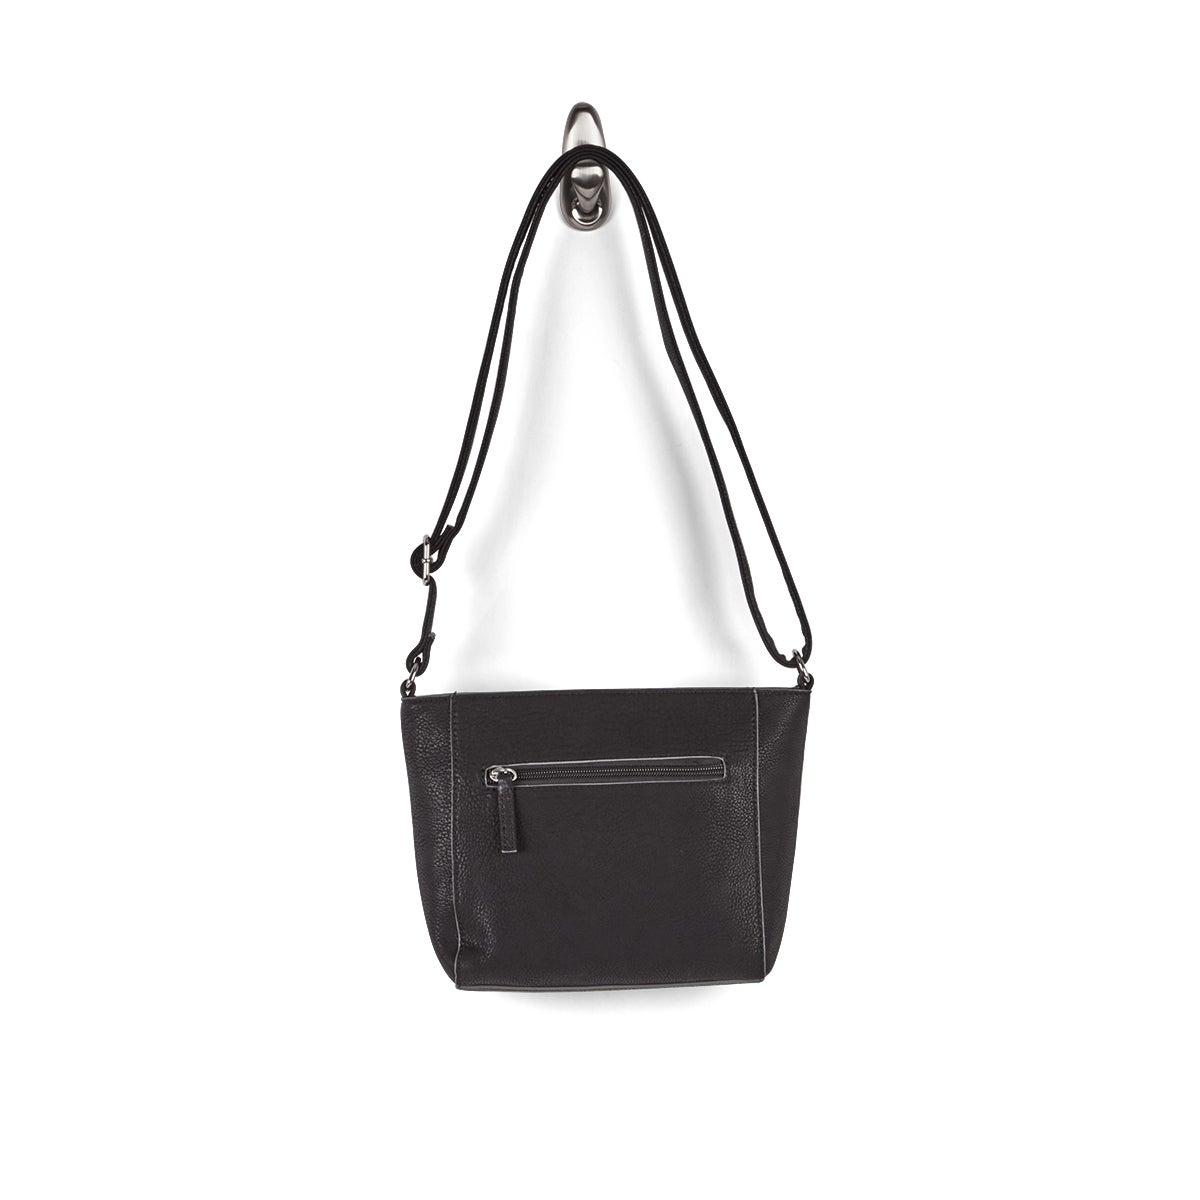 Lds black top zip closure shoulder bag